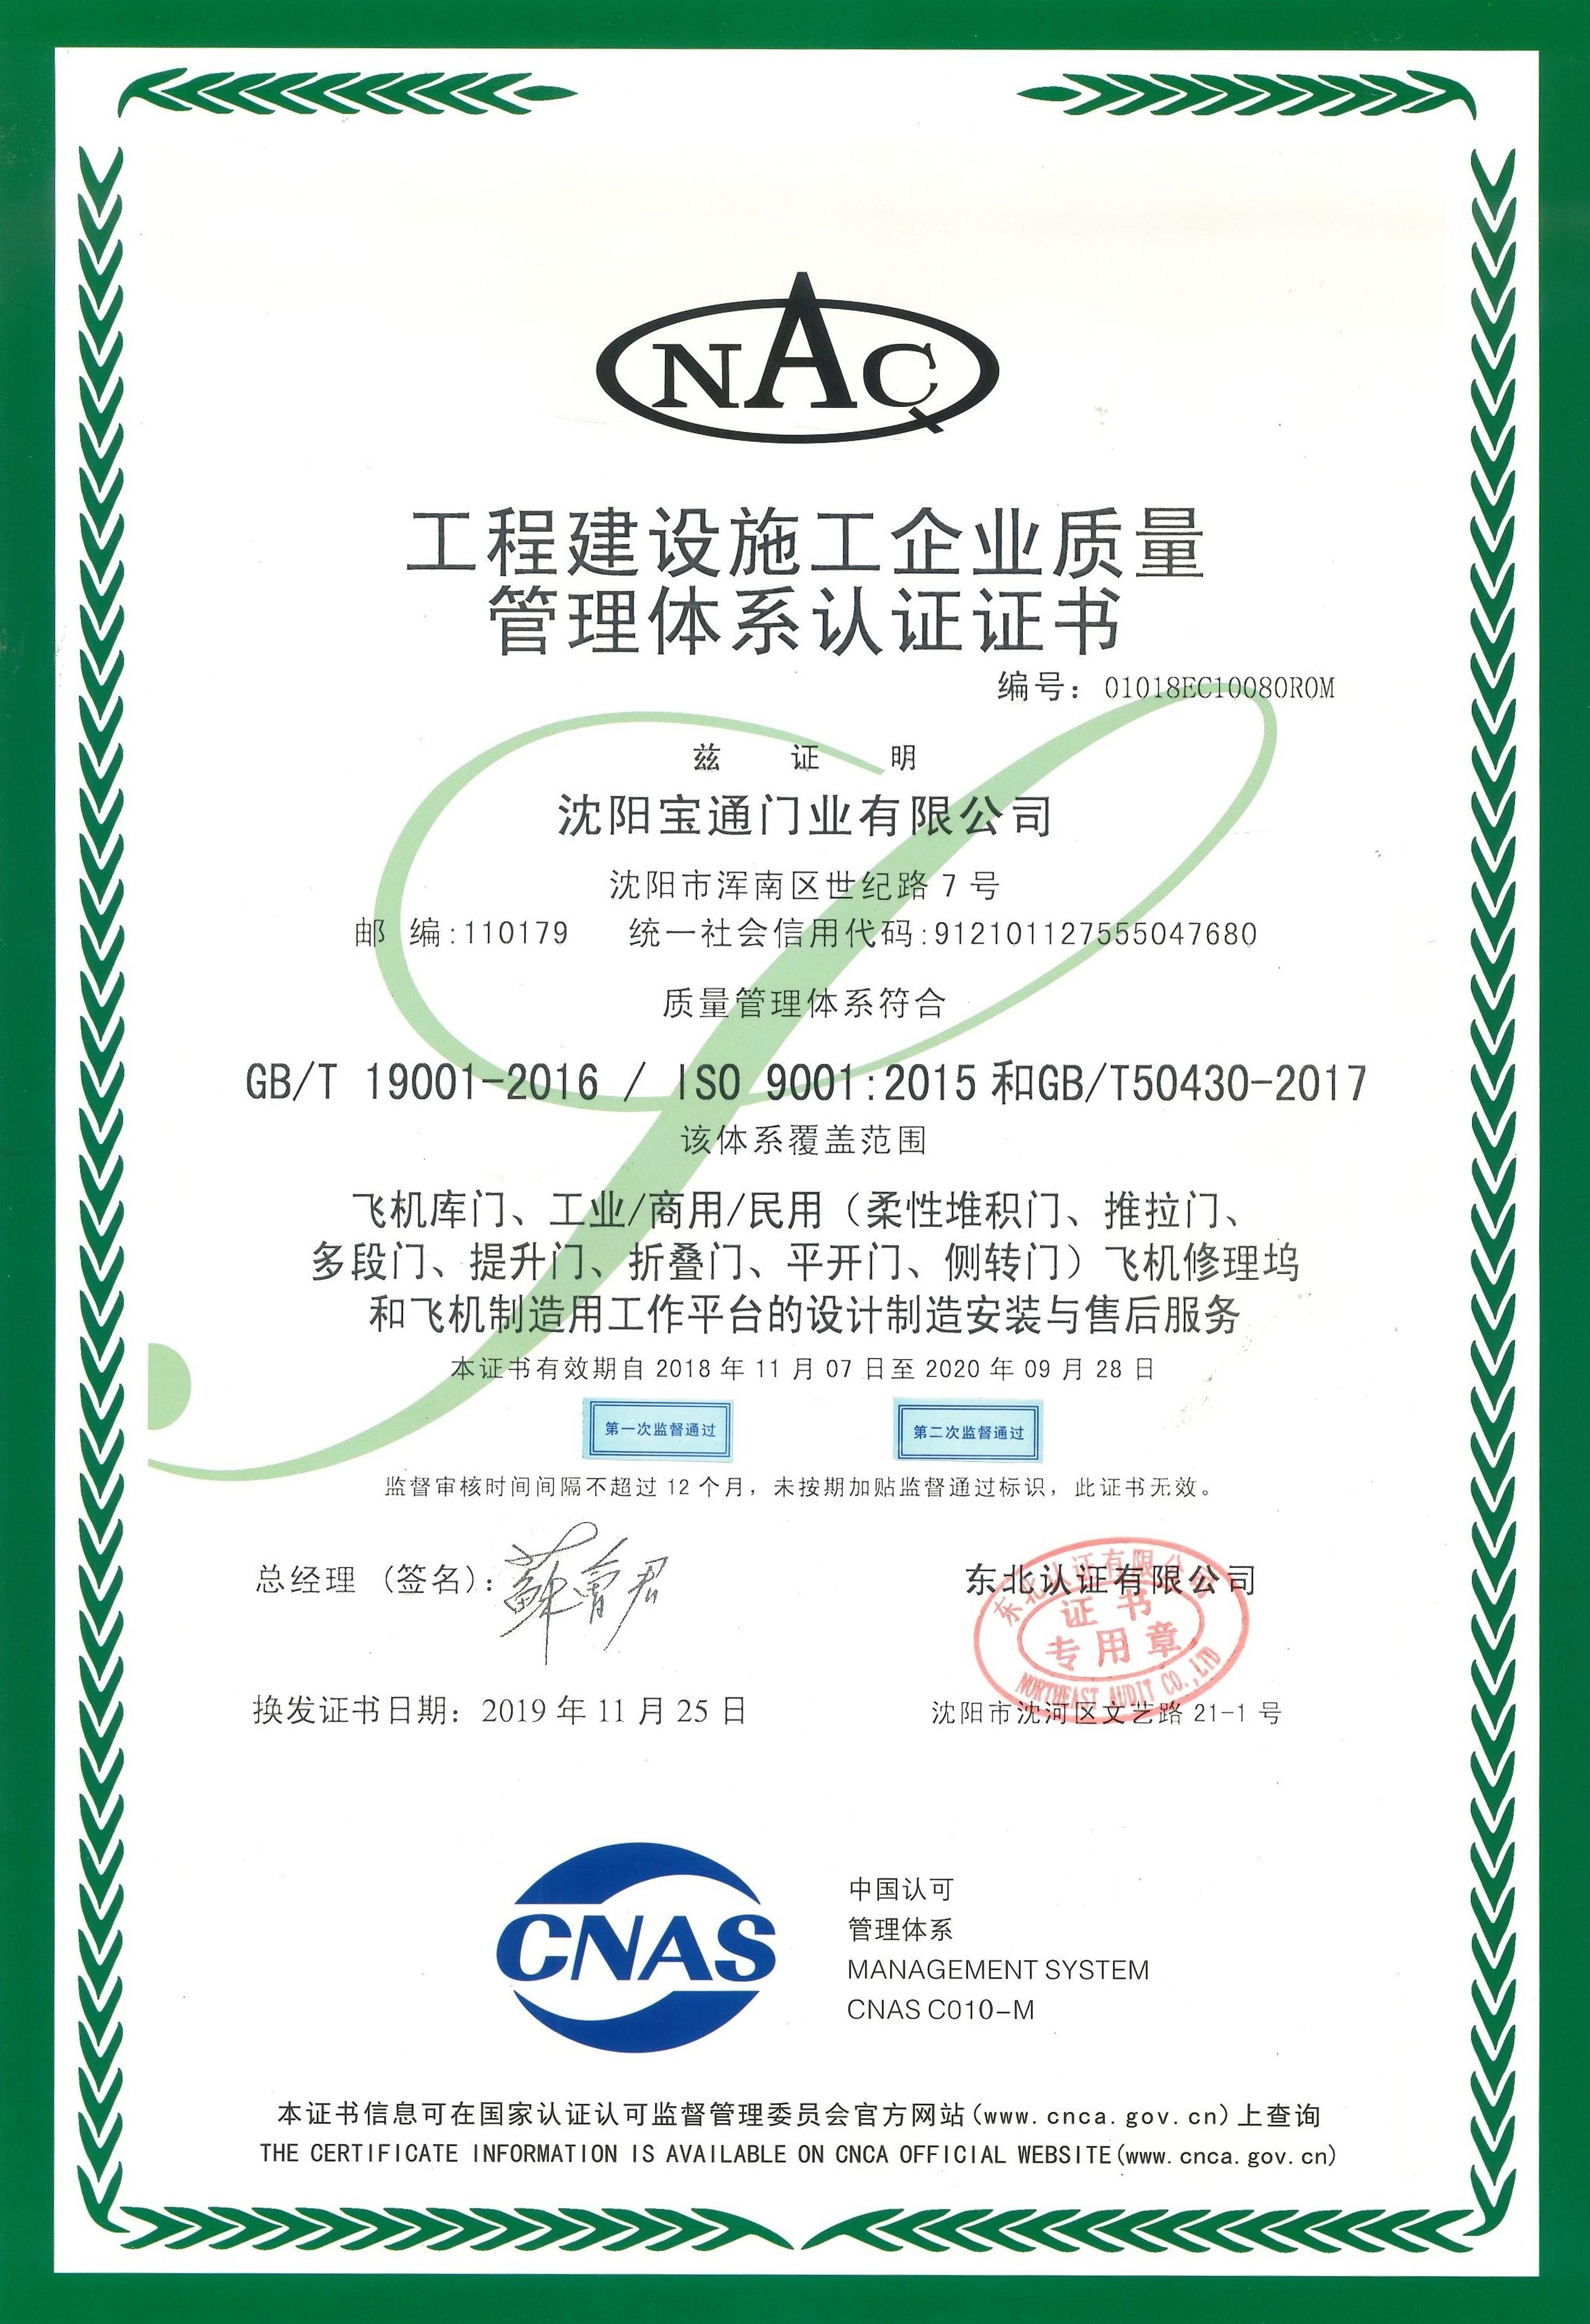 工程建設施工企業質量管理體系認證證書(中文)